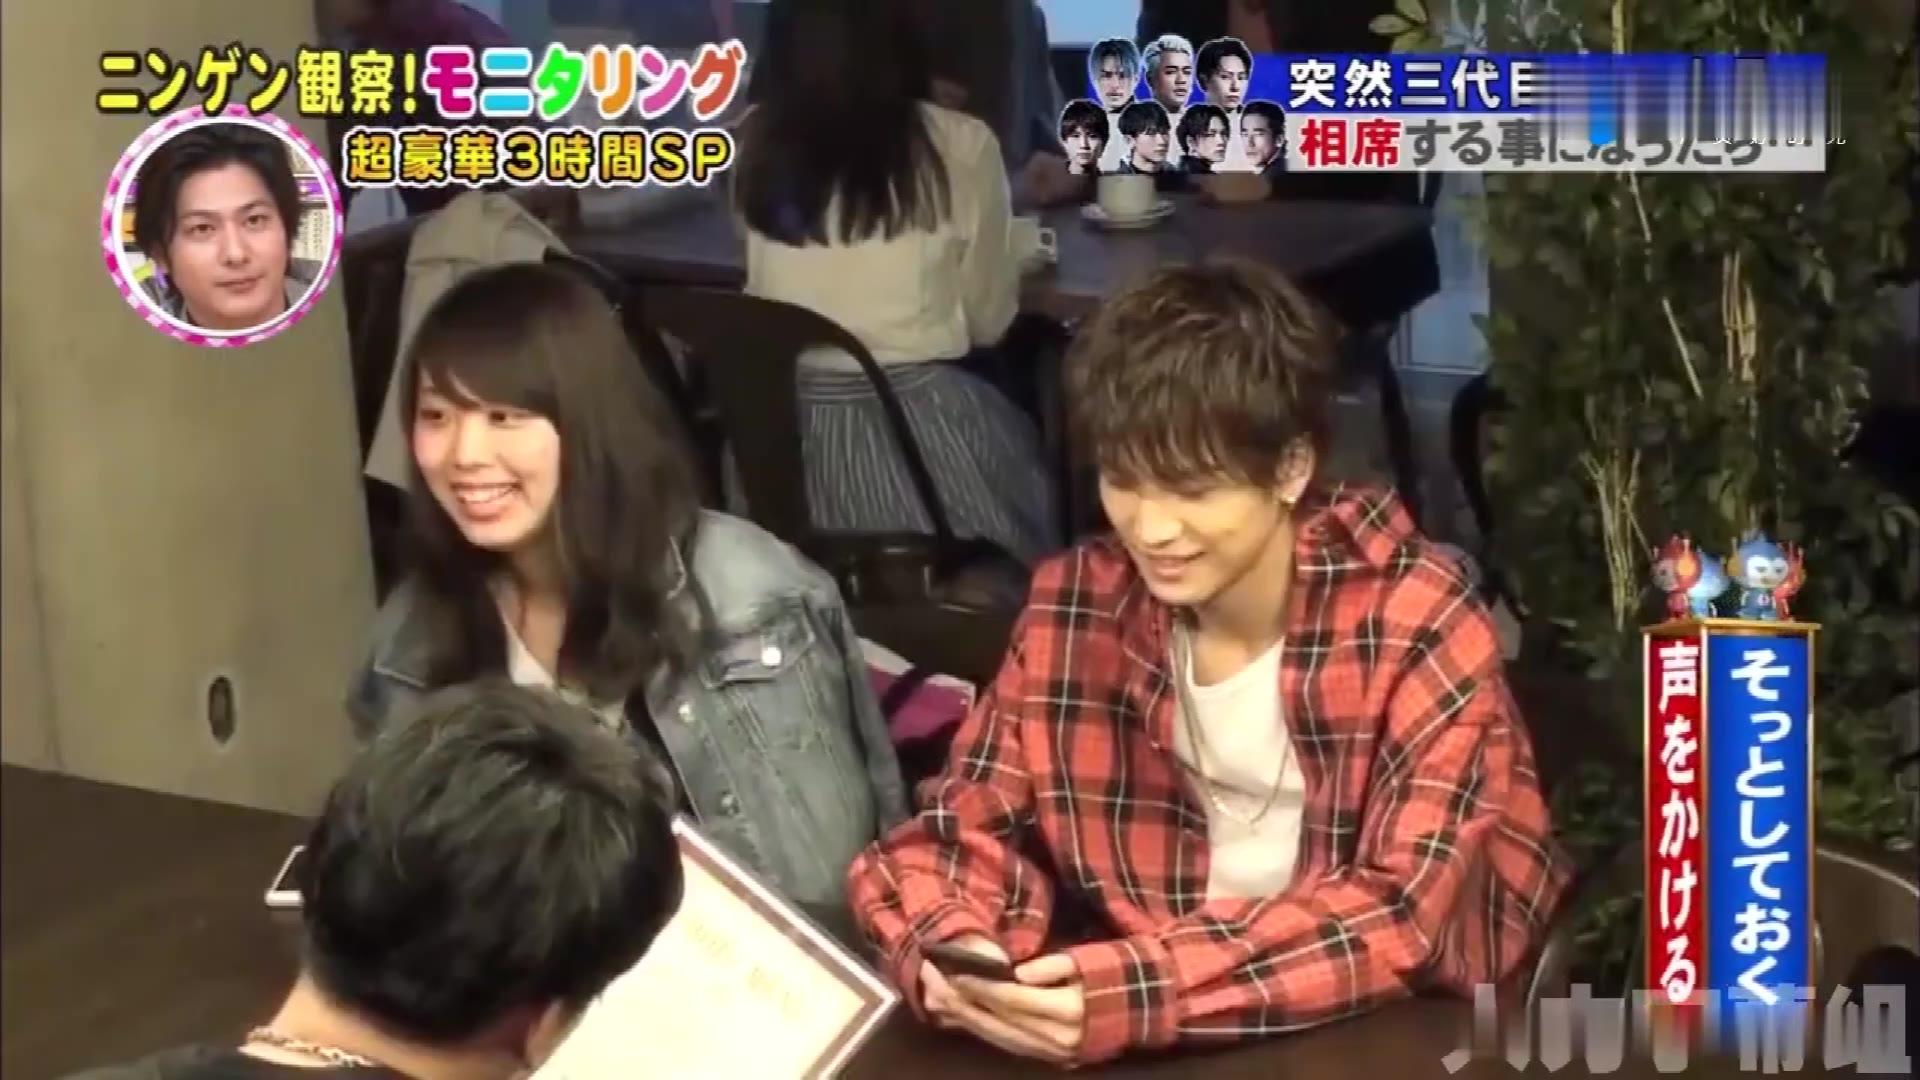 【日本综艺】《人类观察》如果三代目JSB和你拼桌会发生什么,女大学生篇,这反应太真实了